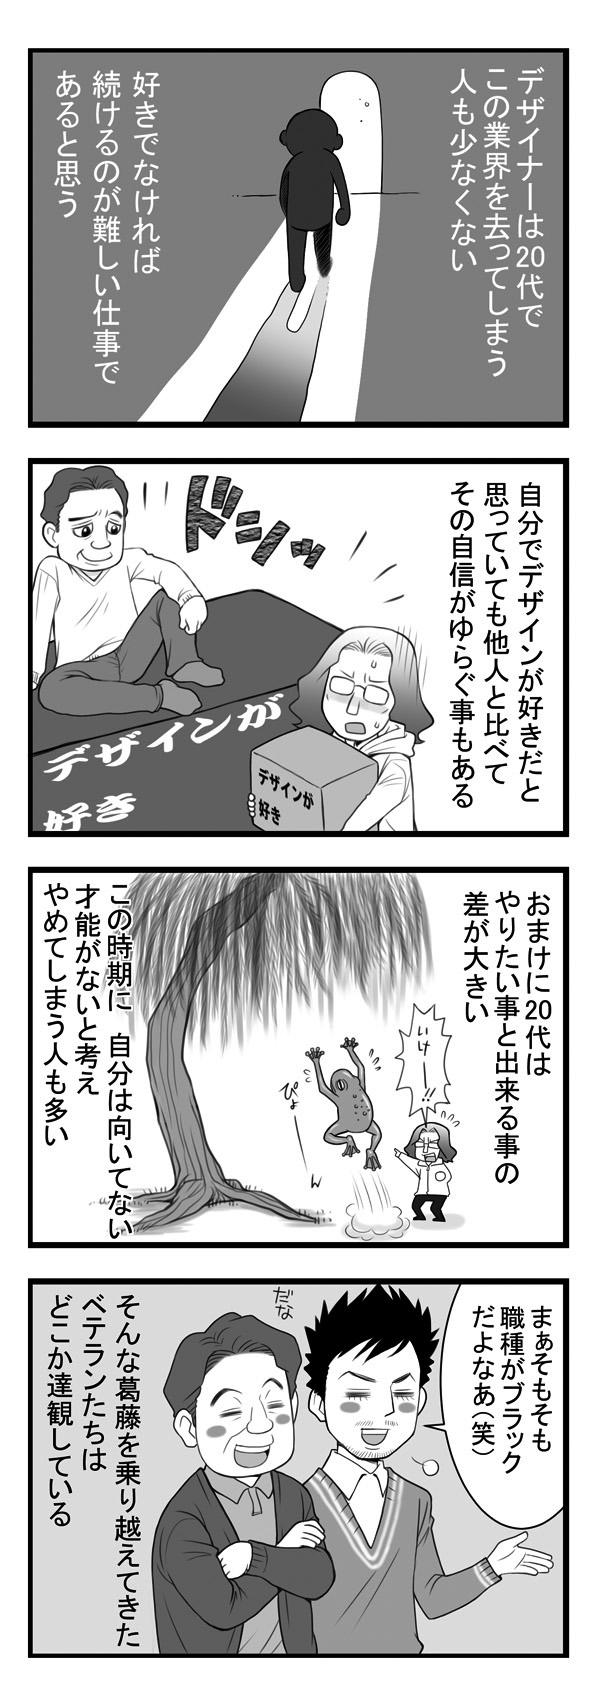 漫画 頑張れデザイナー第10話